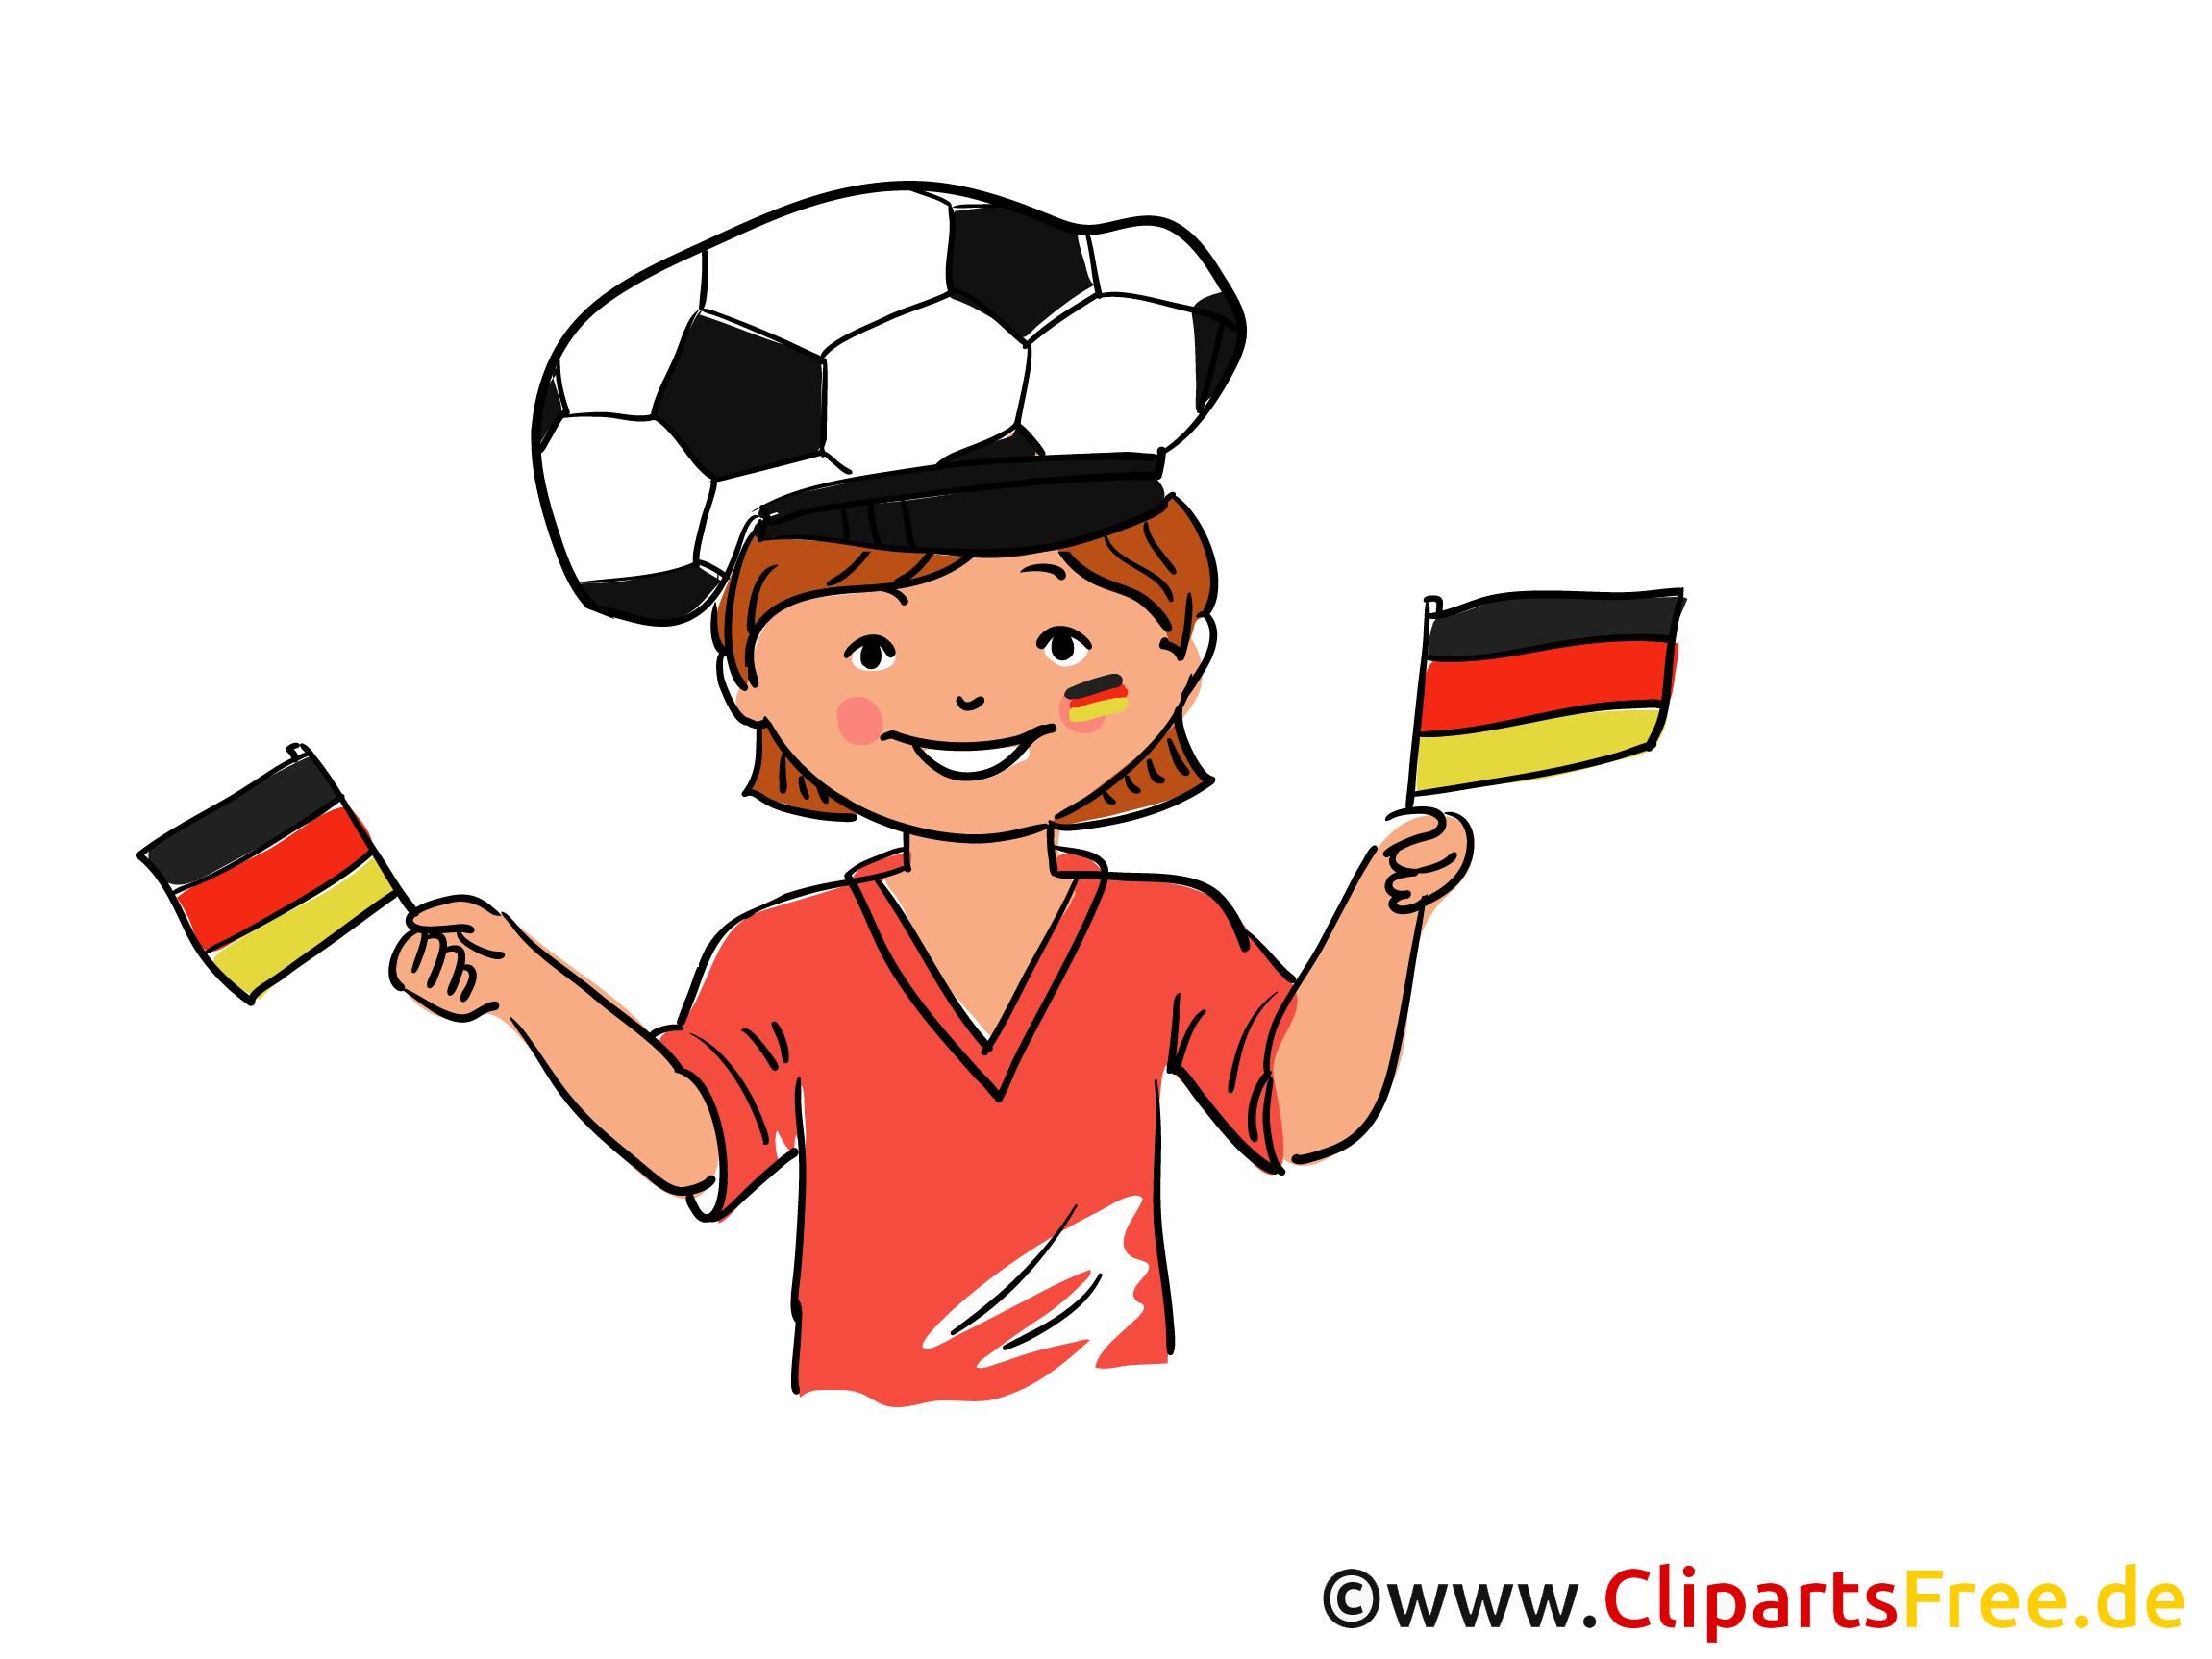 Clipart Fußball kostenlos download